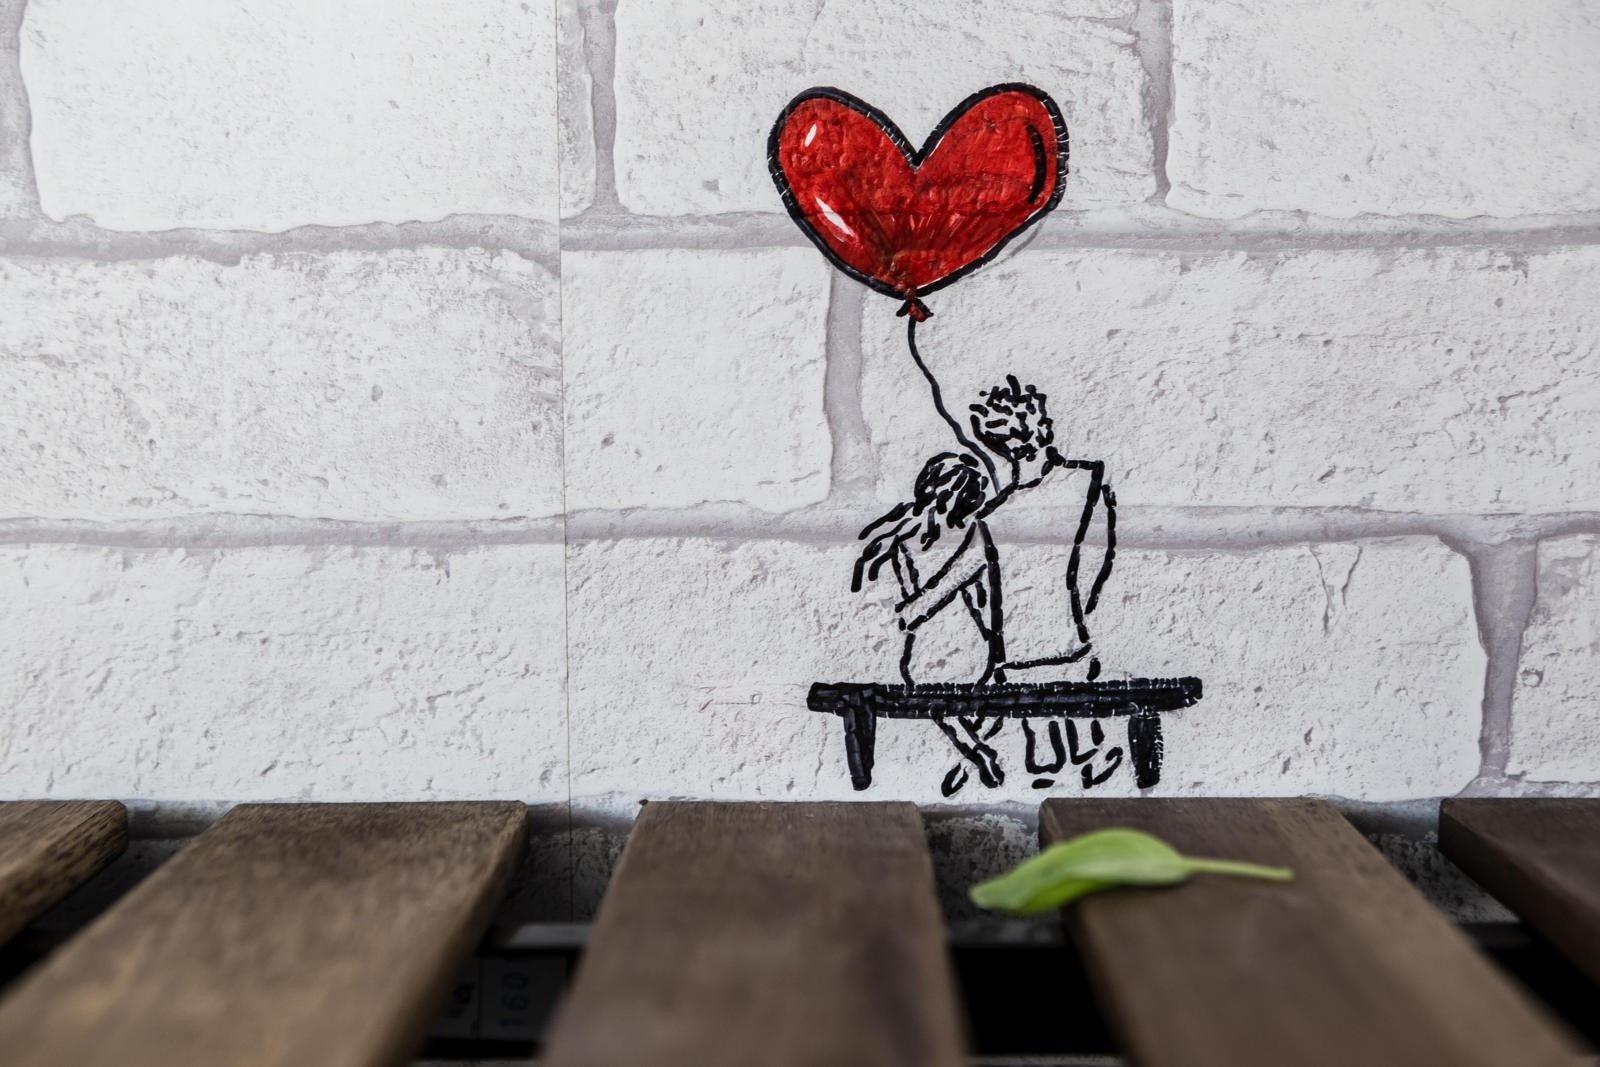 życzenia Na Walentynki 2018 Krótkie Piękne Sms Wierszyki